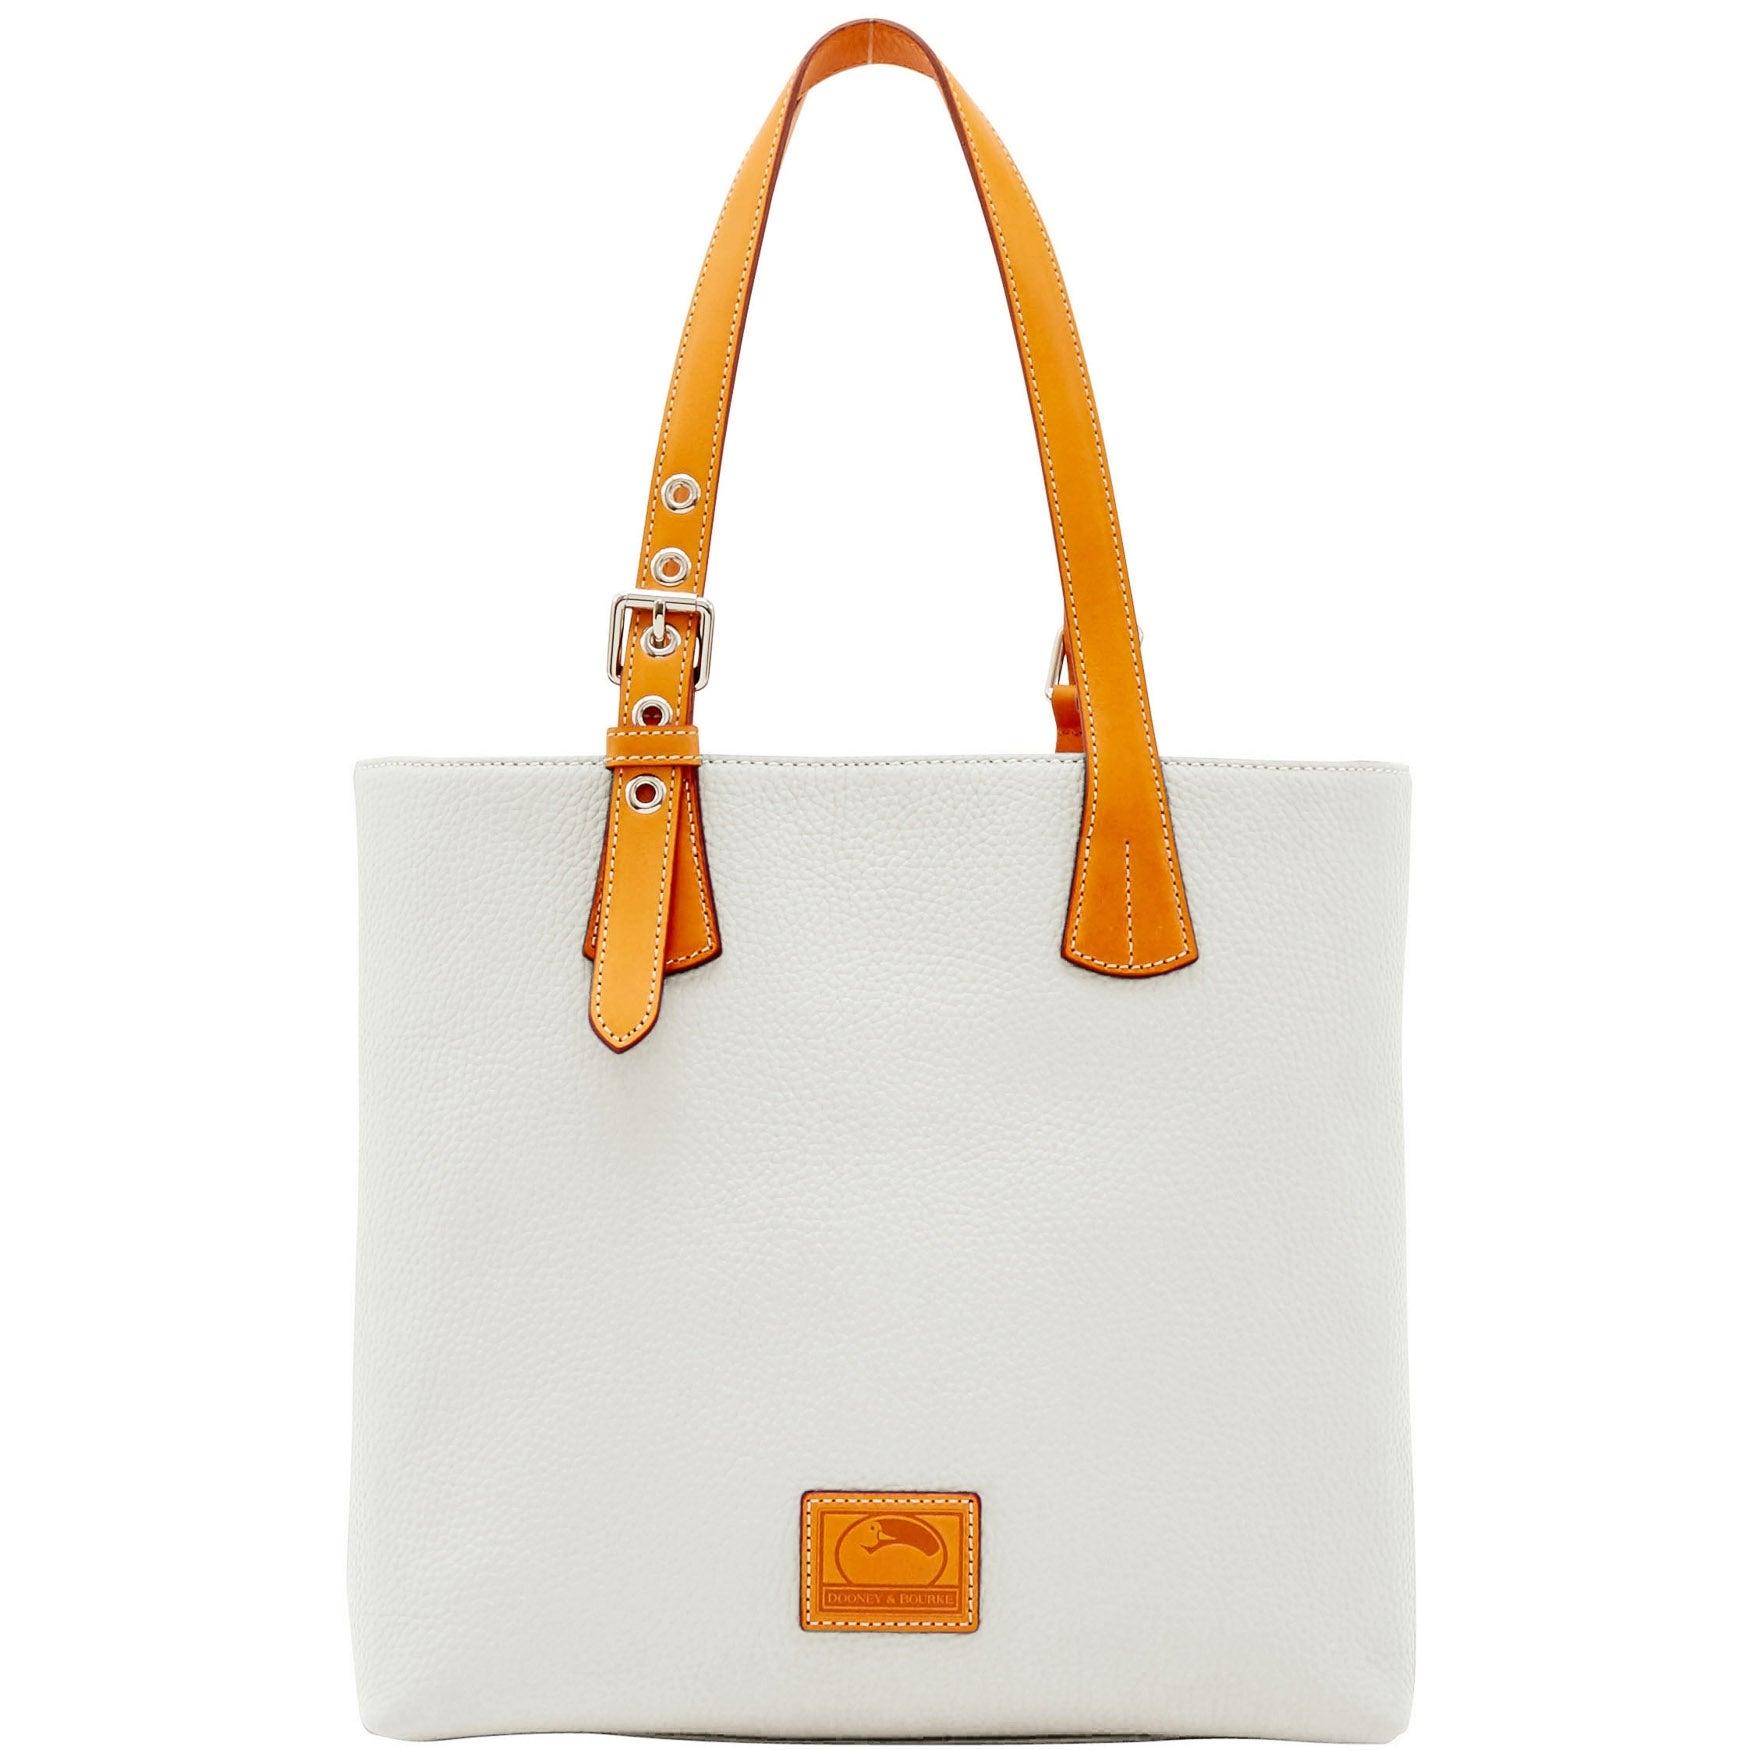 997fef586750 Dooney   Bourke Handbags